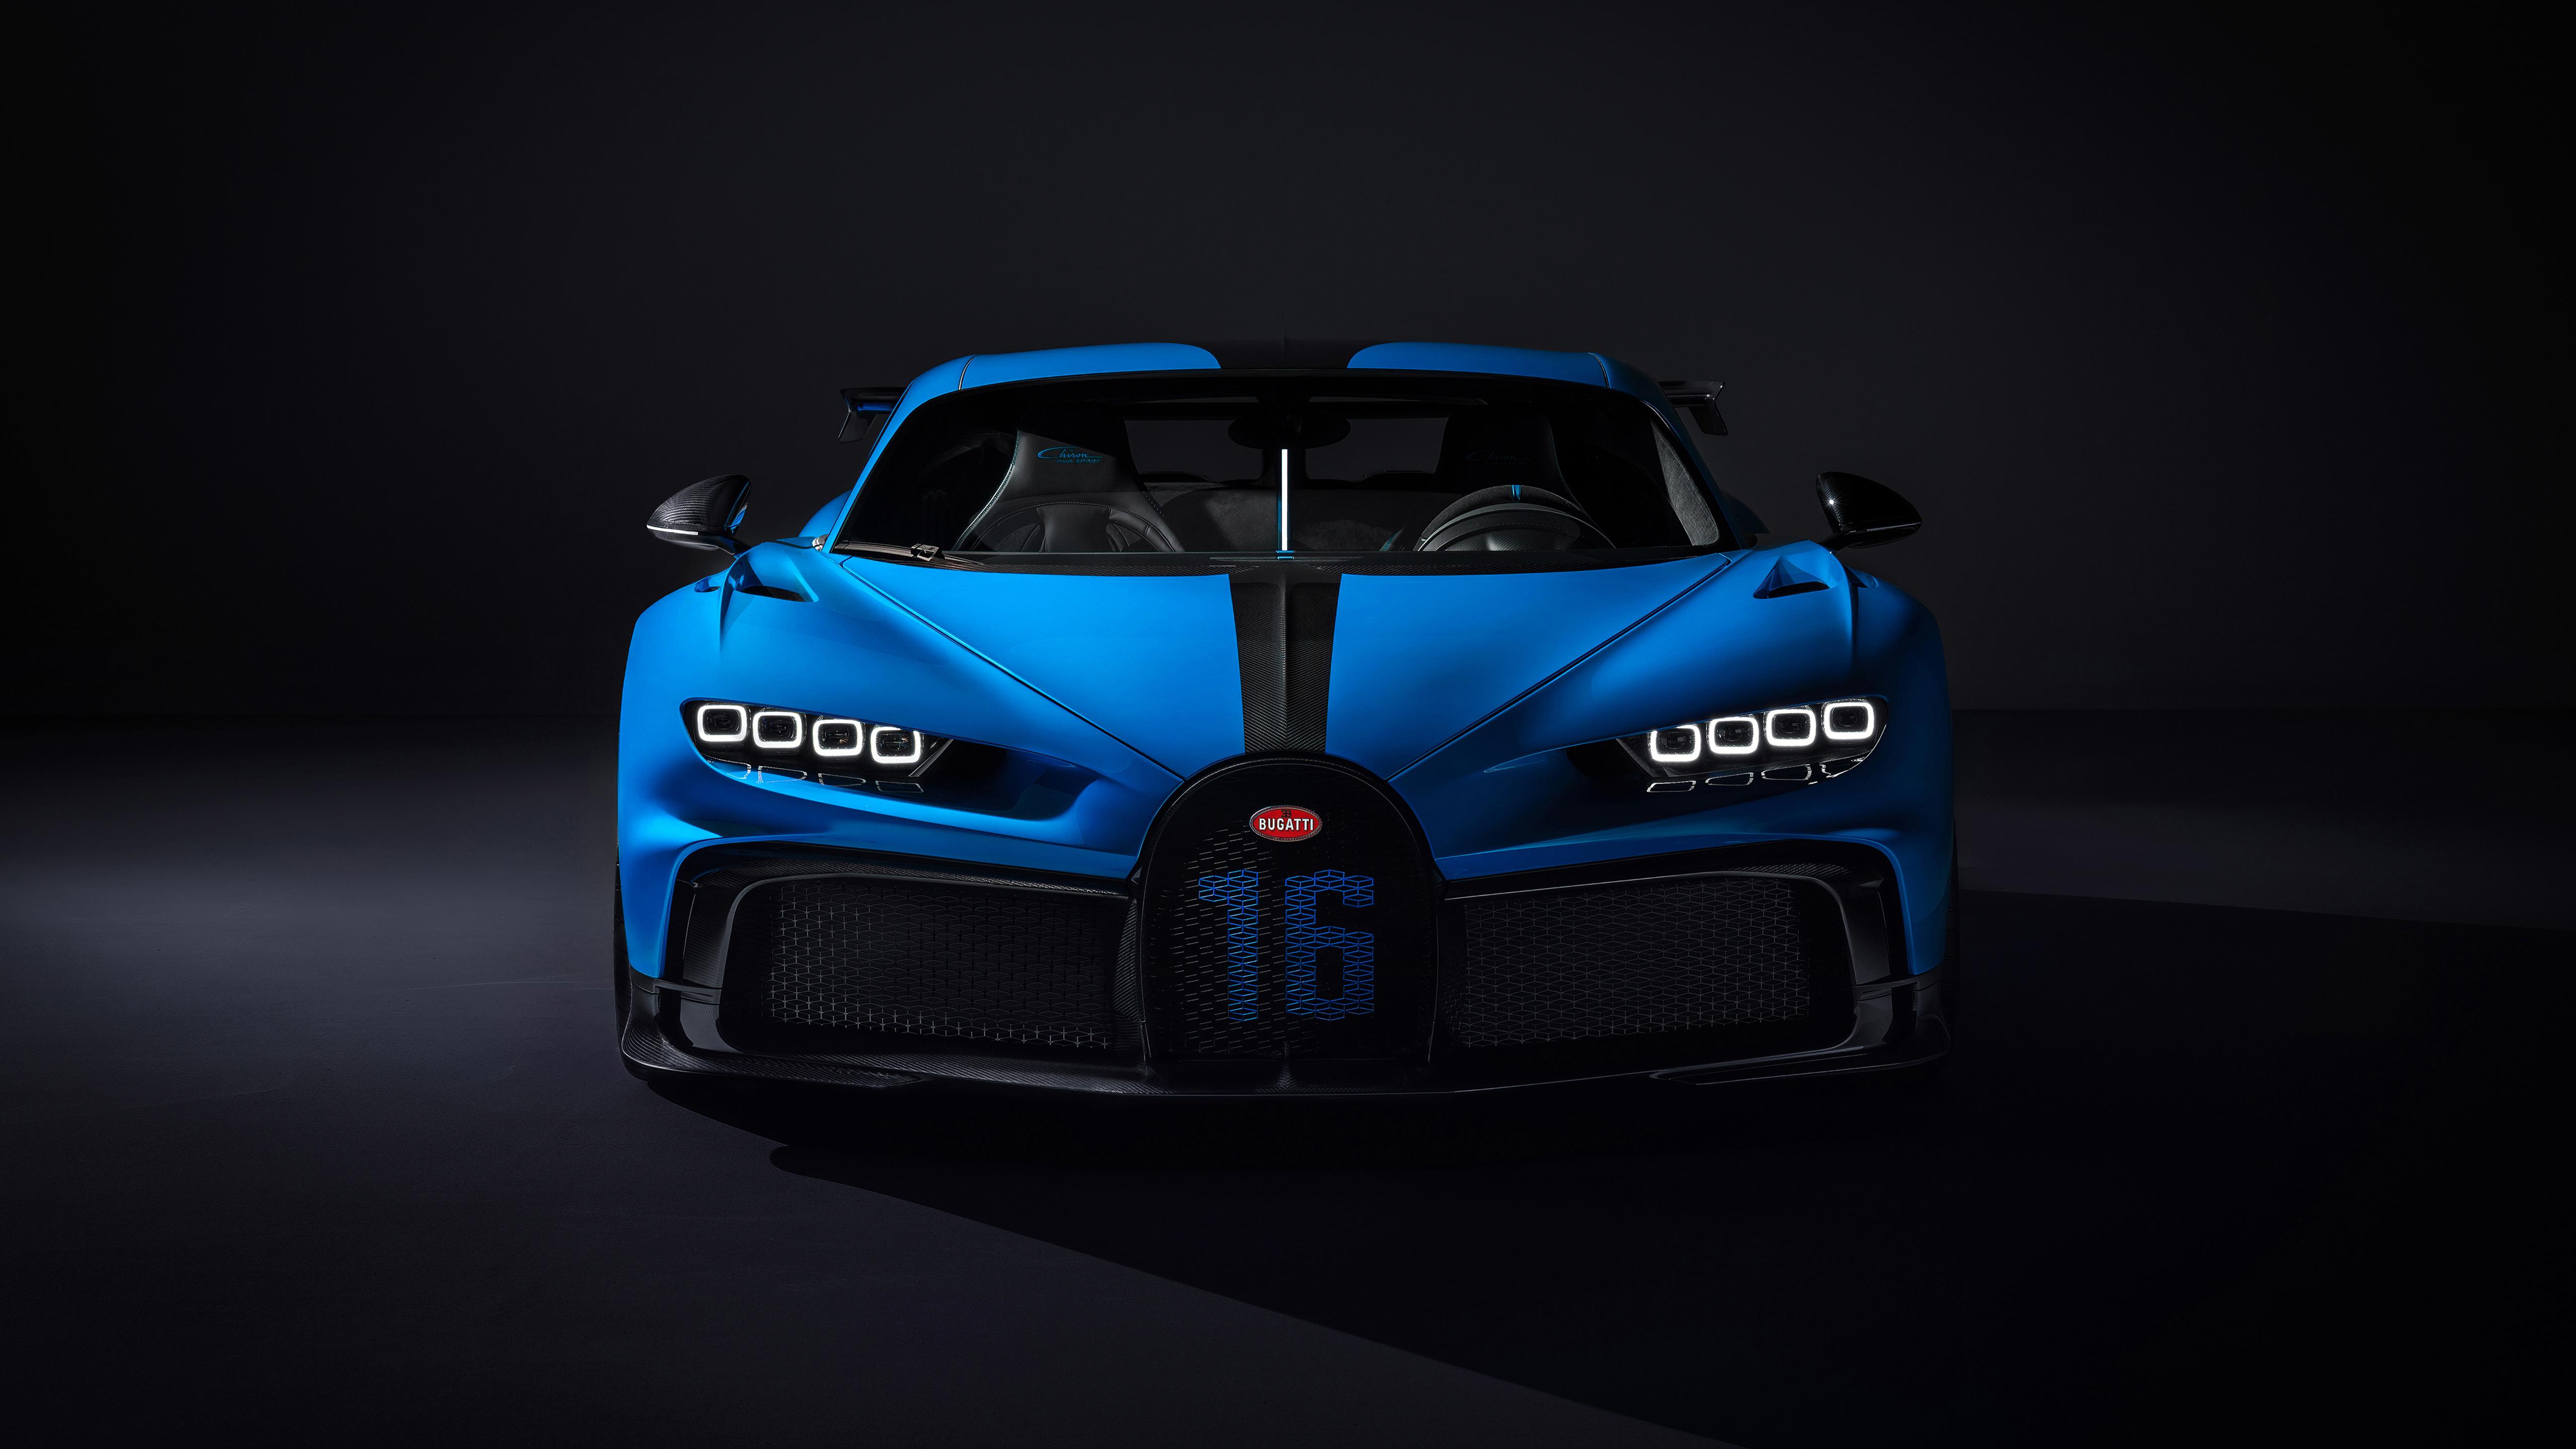 Bugatti Chiron Pur Sport 2020 5k 3 Wallpaper Hd Car Wallpapers Id 14633